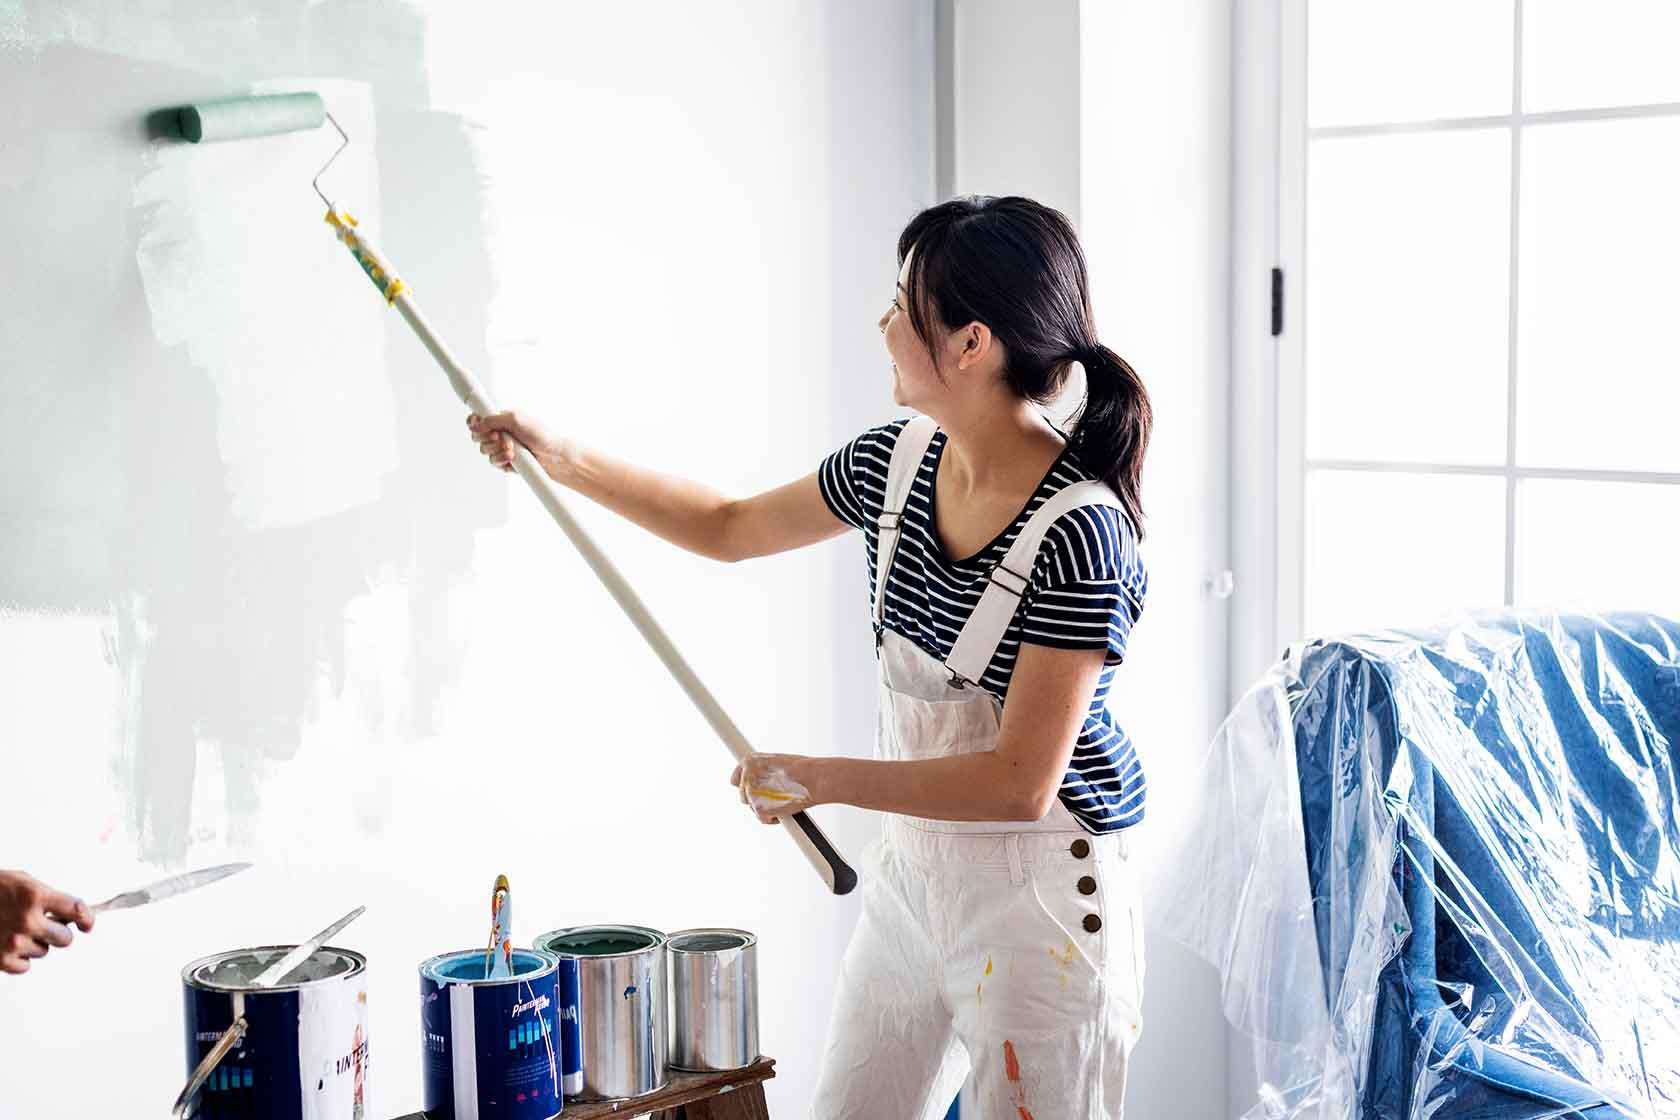 Consejos para pintar con pintura acrílica